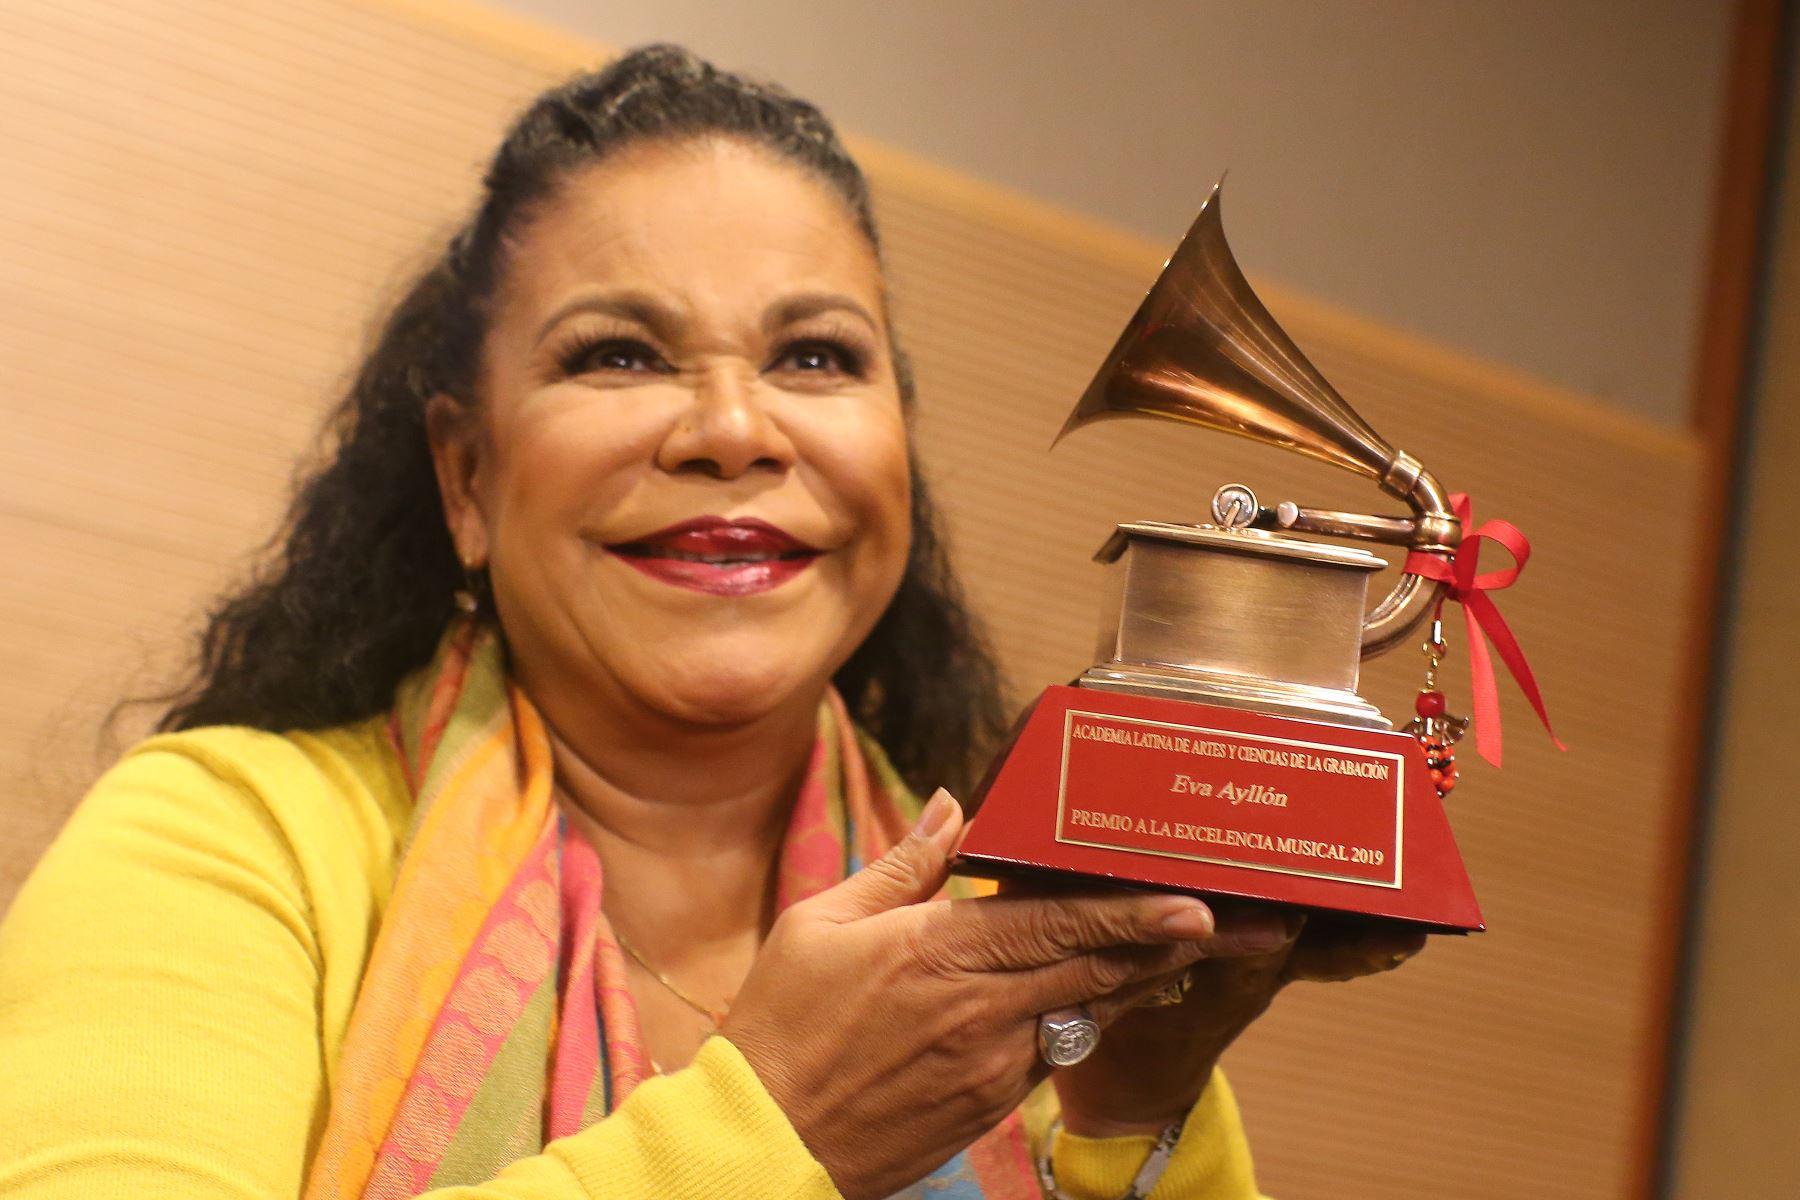 Eva Ayllón,en conferencia de prensa muestra su premio Grammy a la excelencia. Foto:ANDINA/Héctor Vinces.